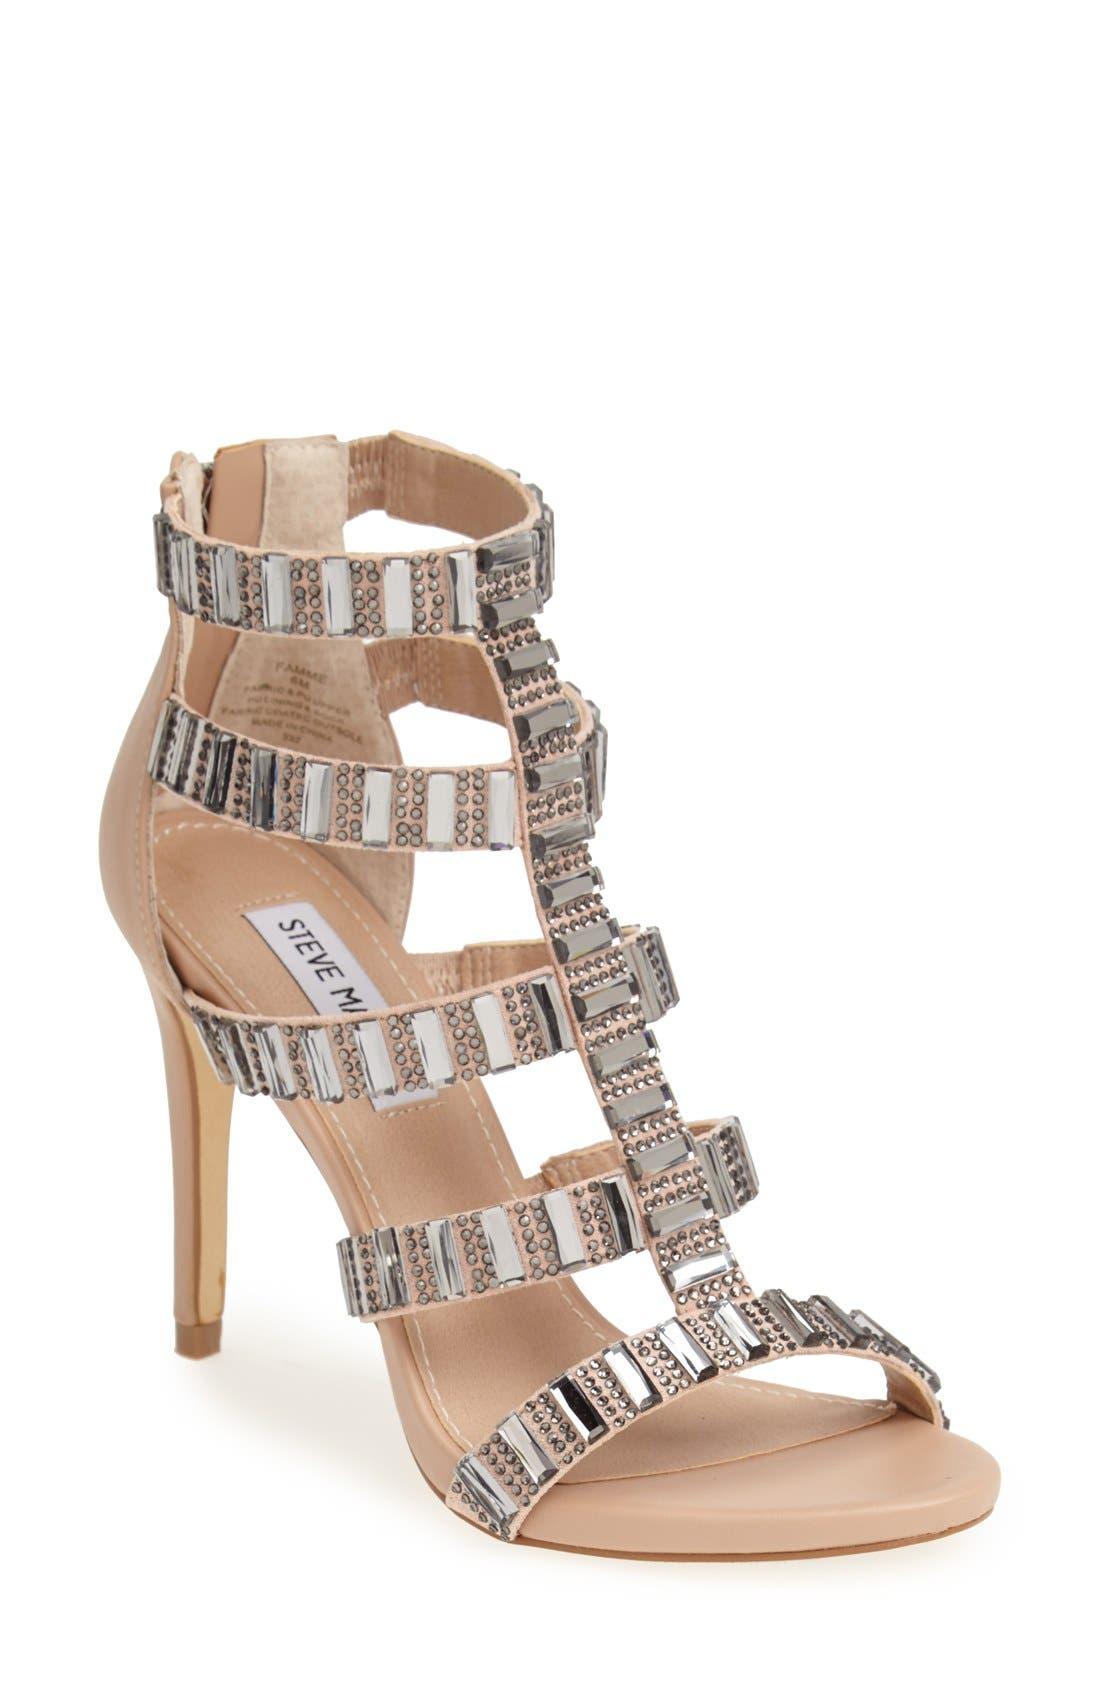 Main Image - Steve Madden 'Famme' Crystal Sandal (Women)